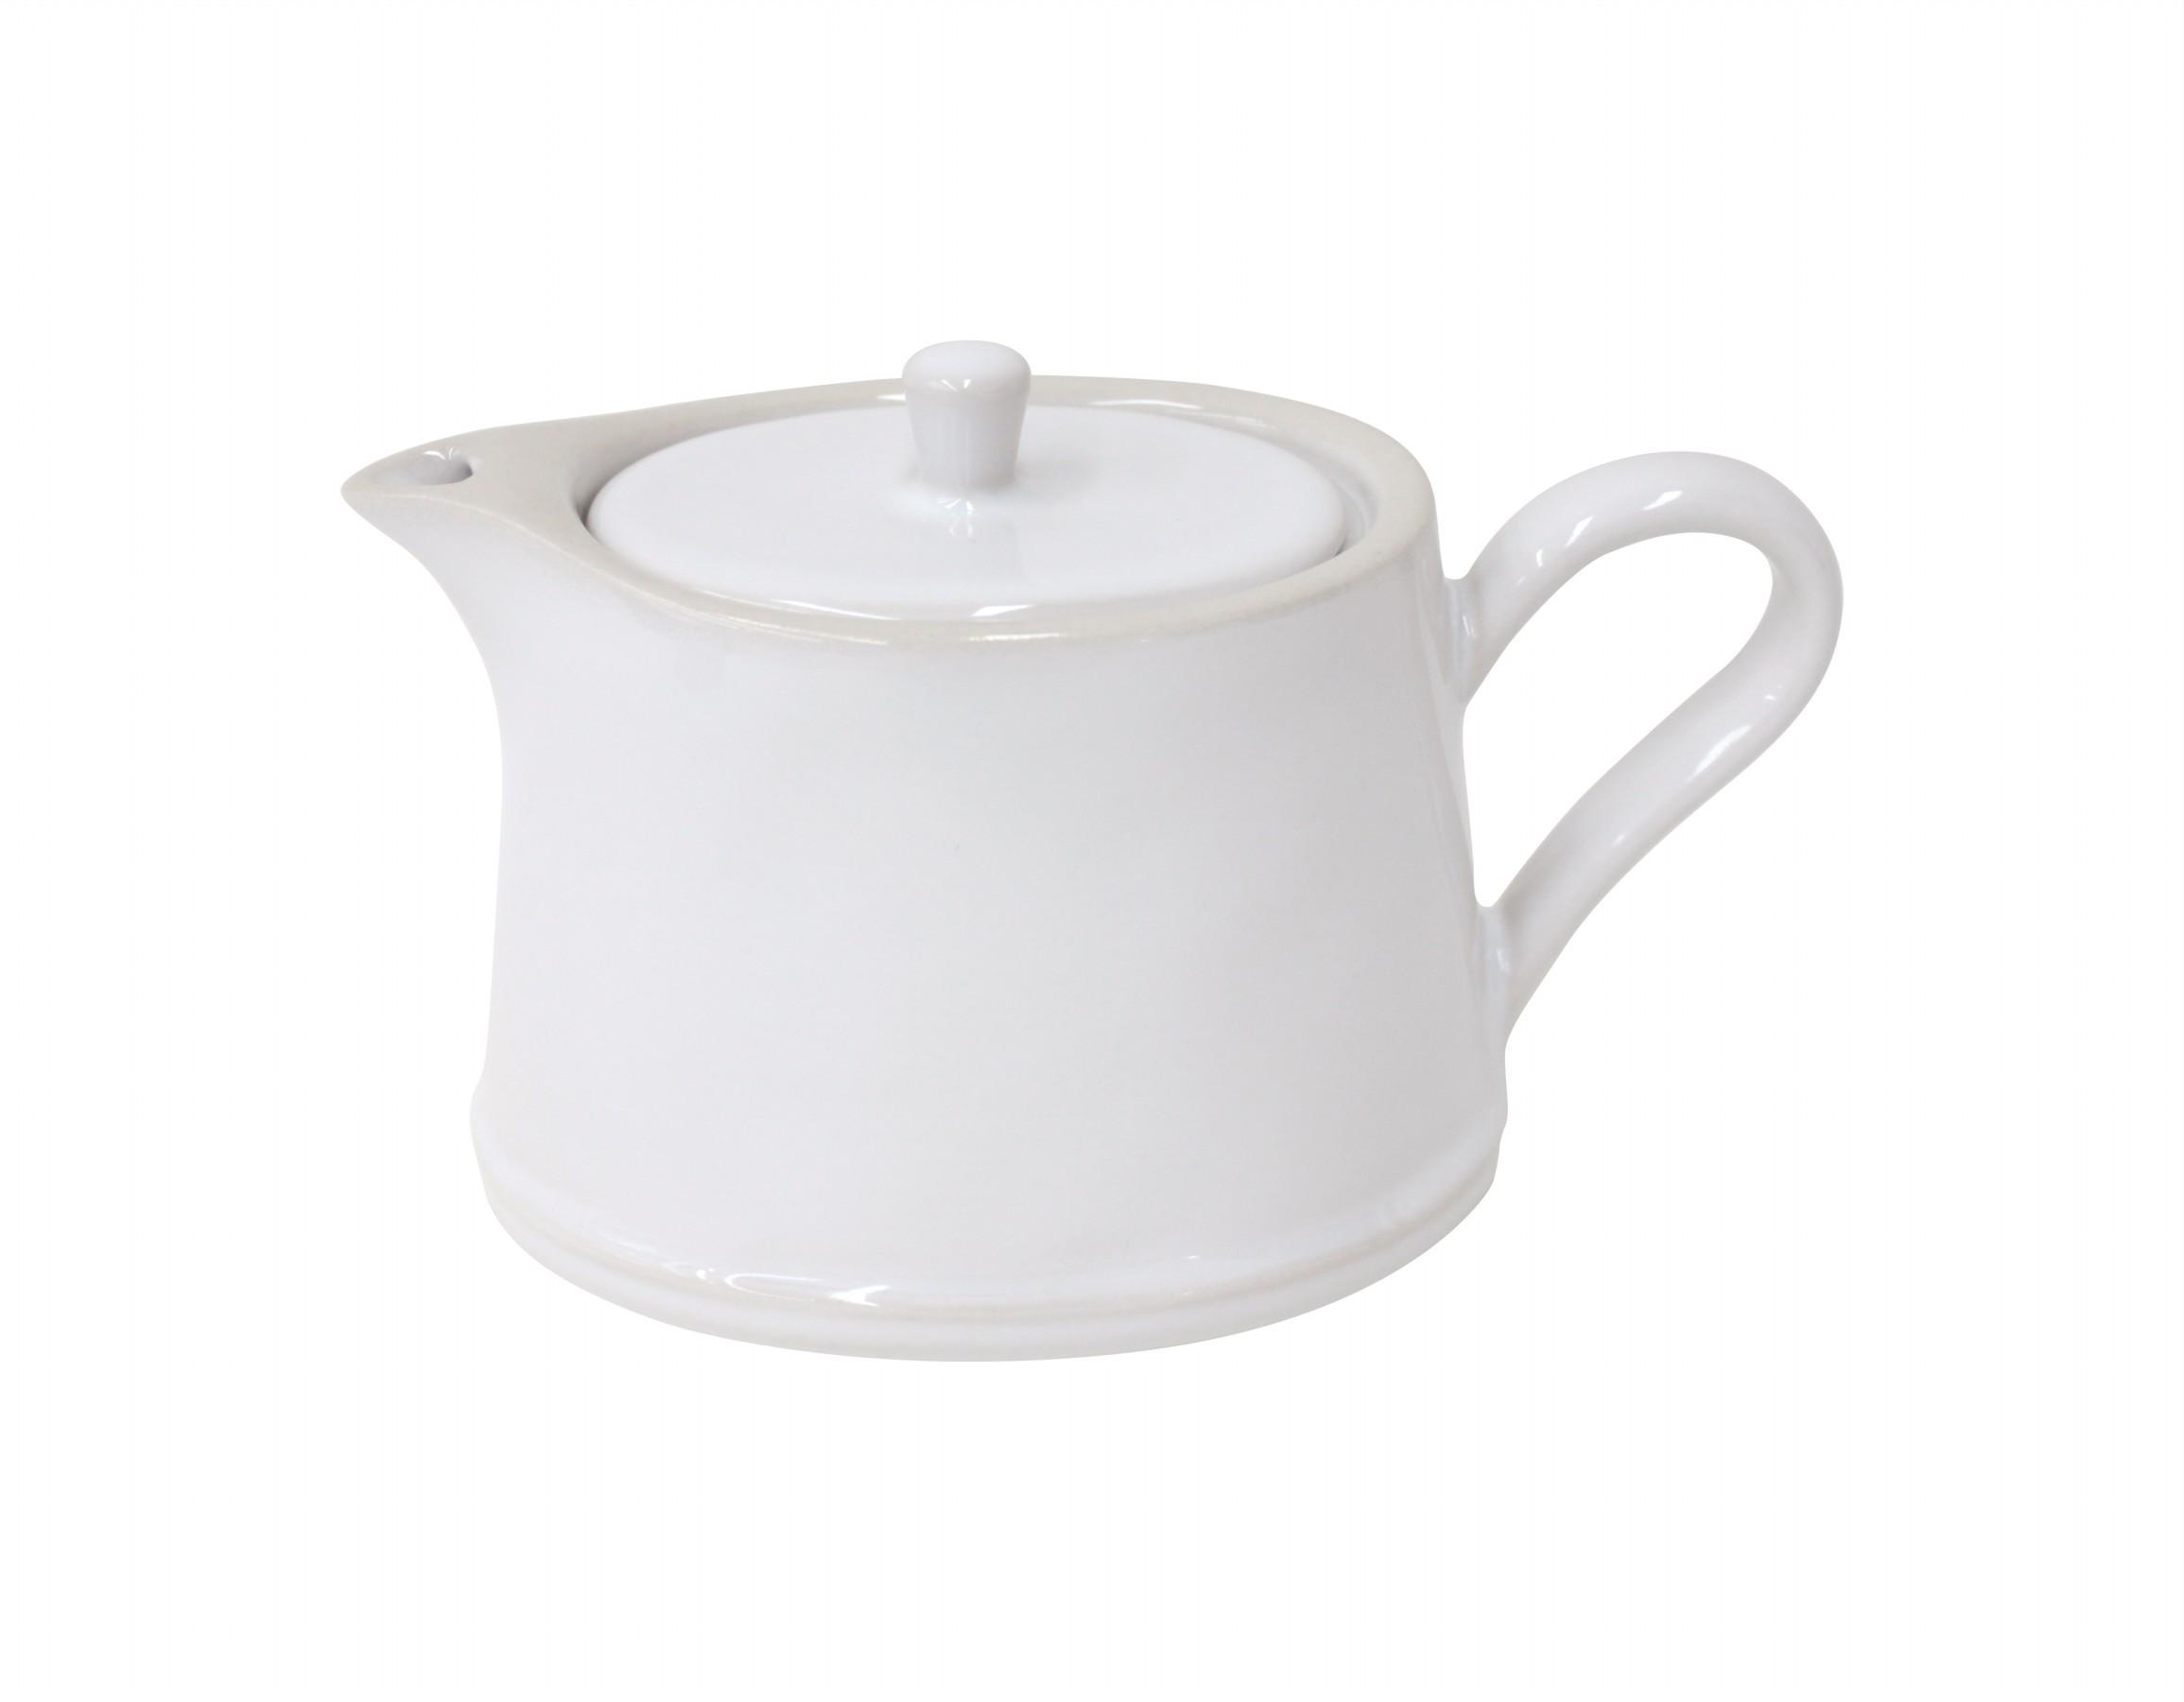 COSTA NOVA Konvice na čaj Astoria bílá Objem: 0,5l